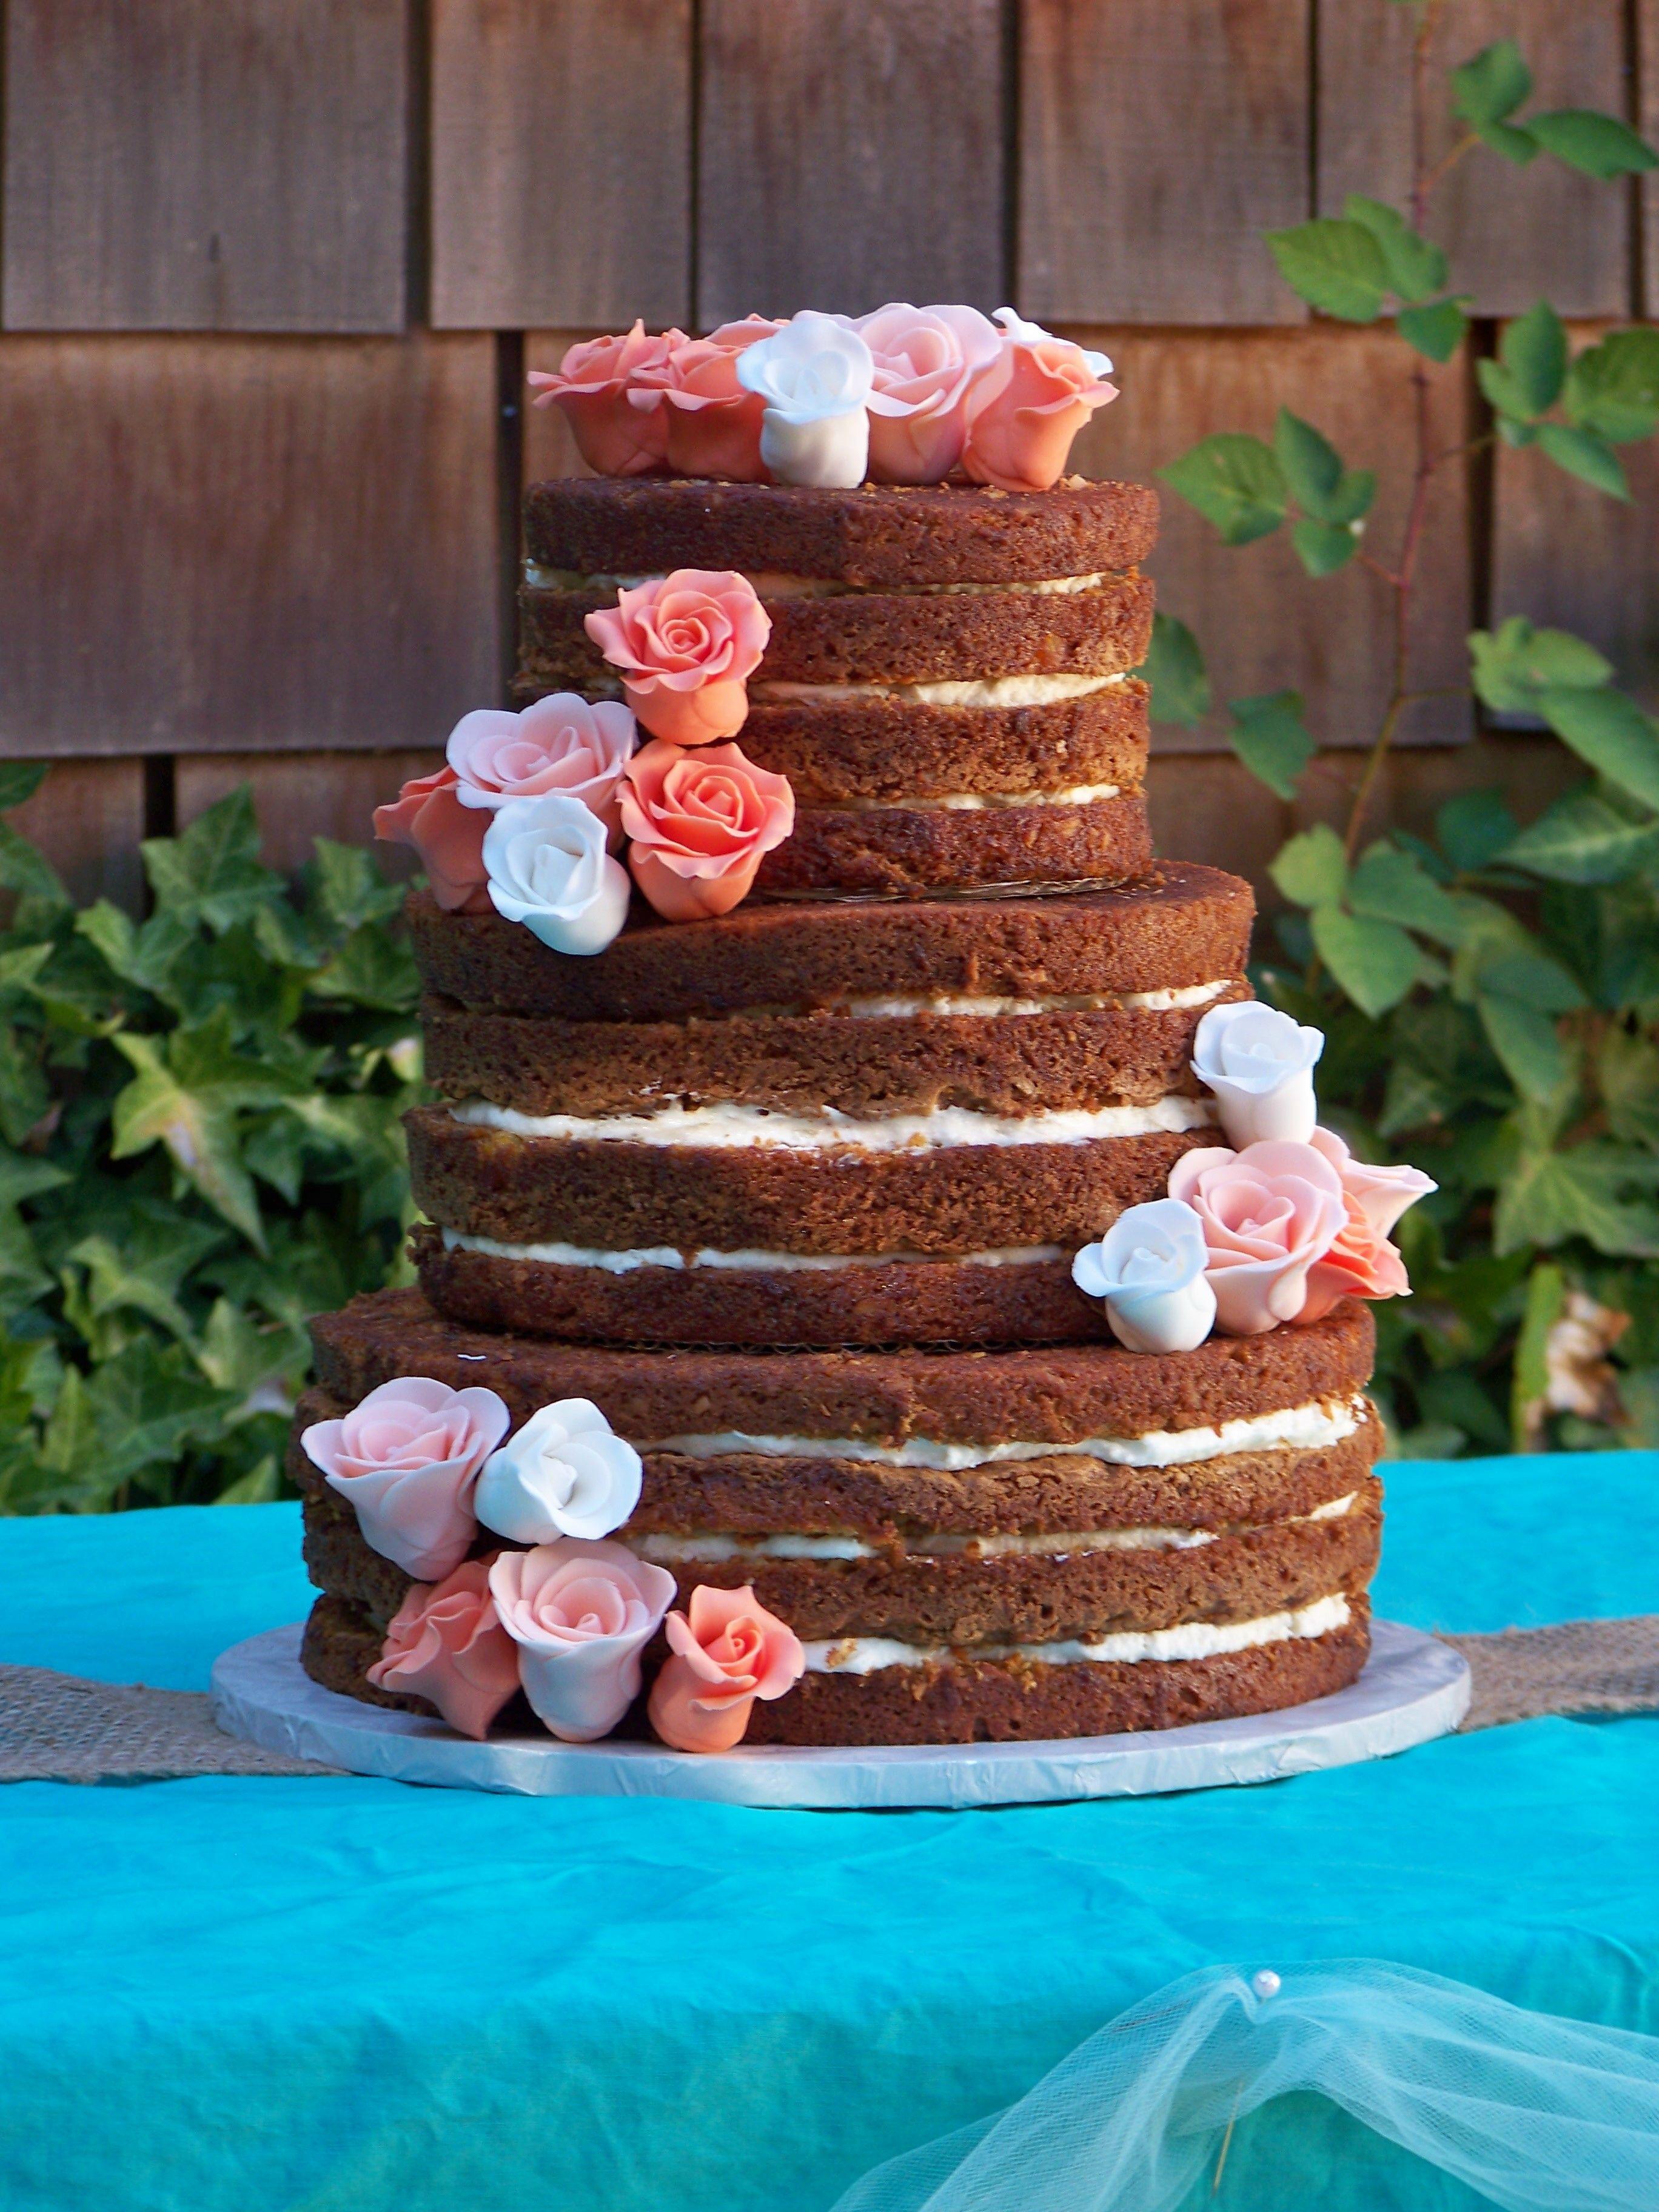 Naked & Semi Naked Wedding Cakes - Kelly Lou Cakes